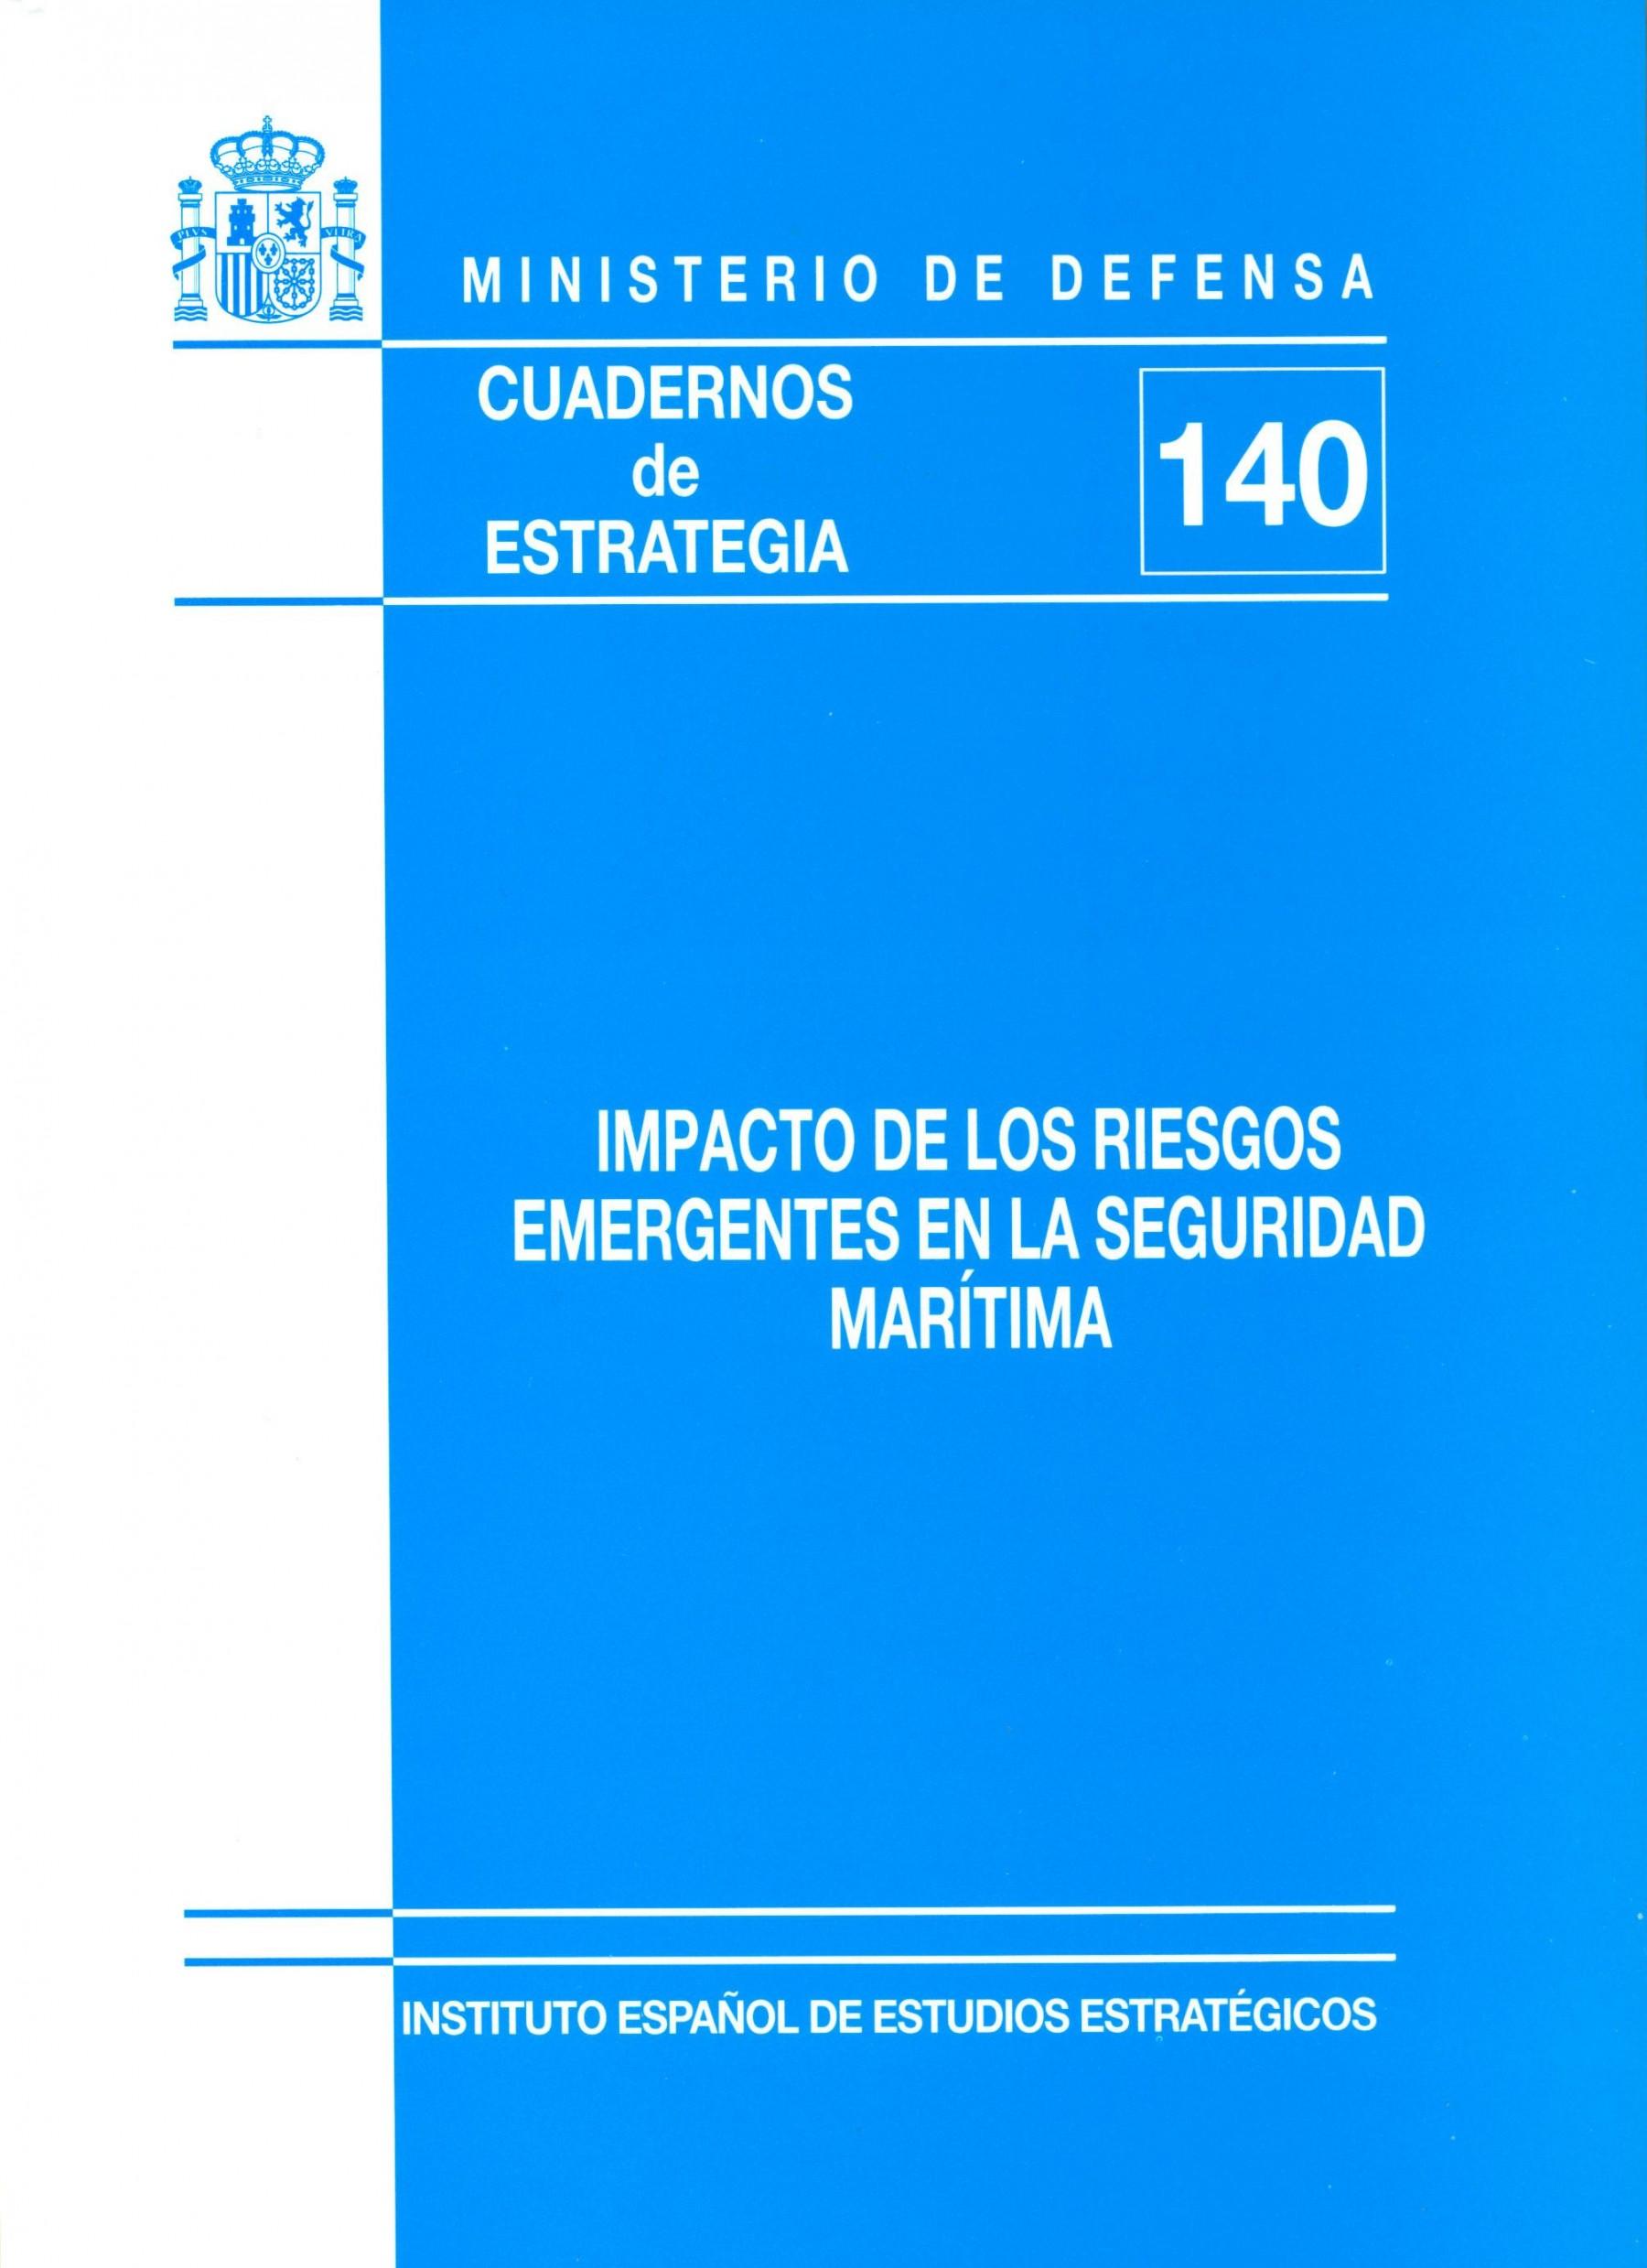 IMPACTO DE LOS RIESGOS EMERGENTES EN LA SEGURIDAD MARÍTIMA